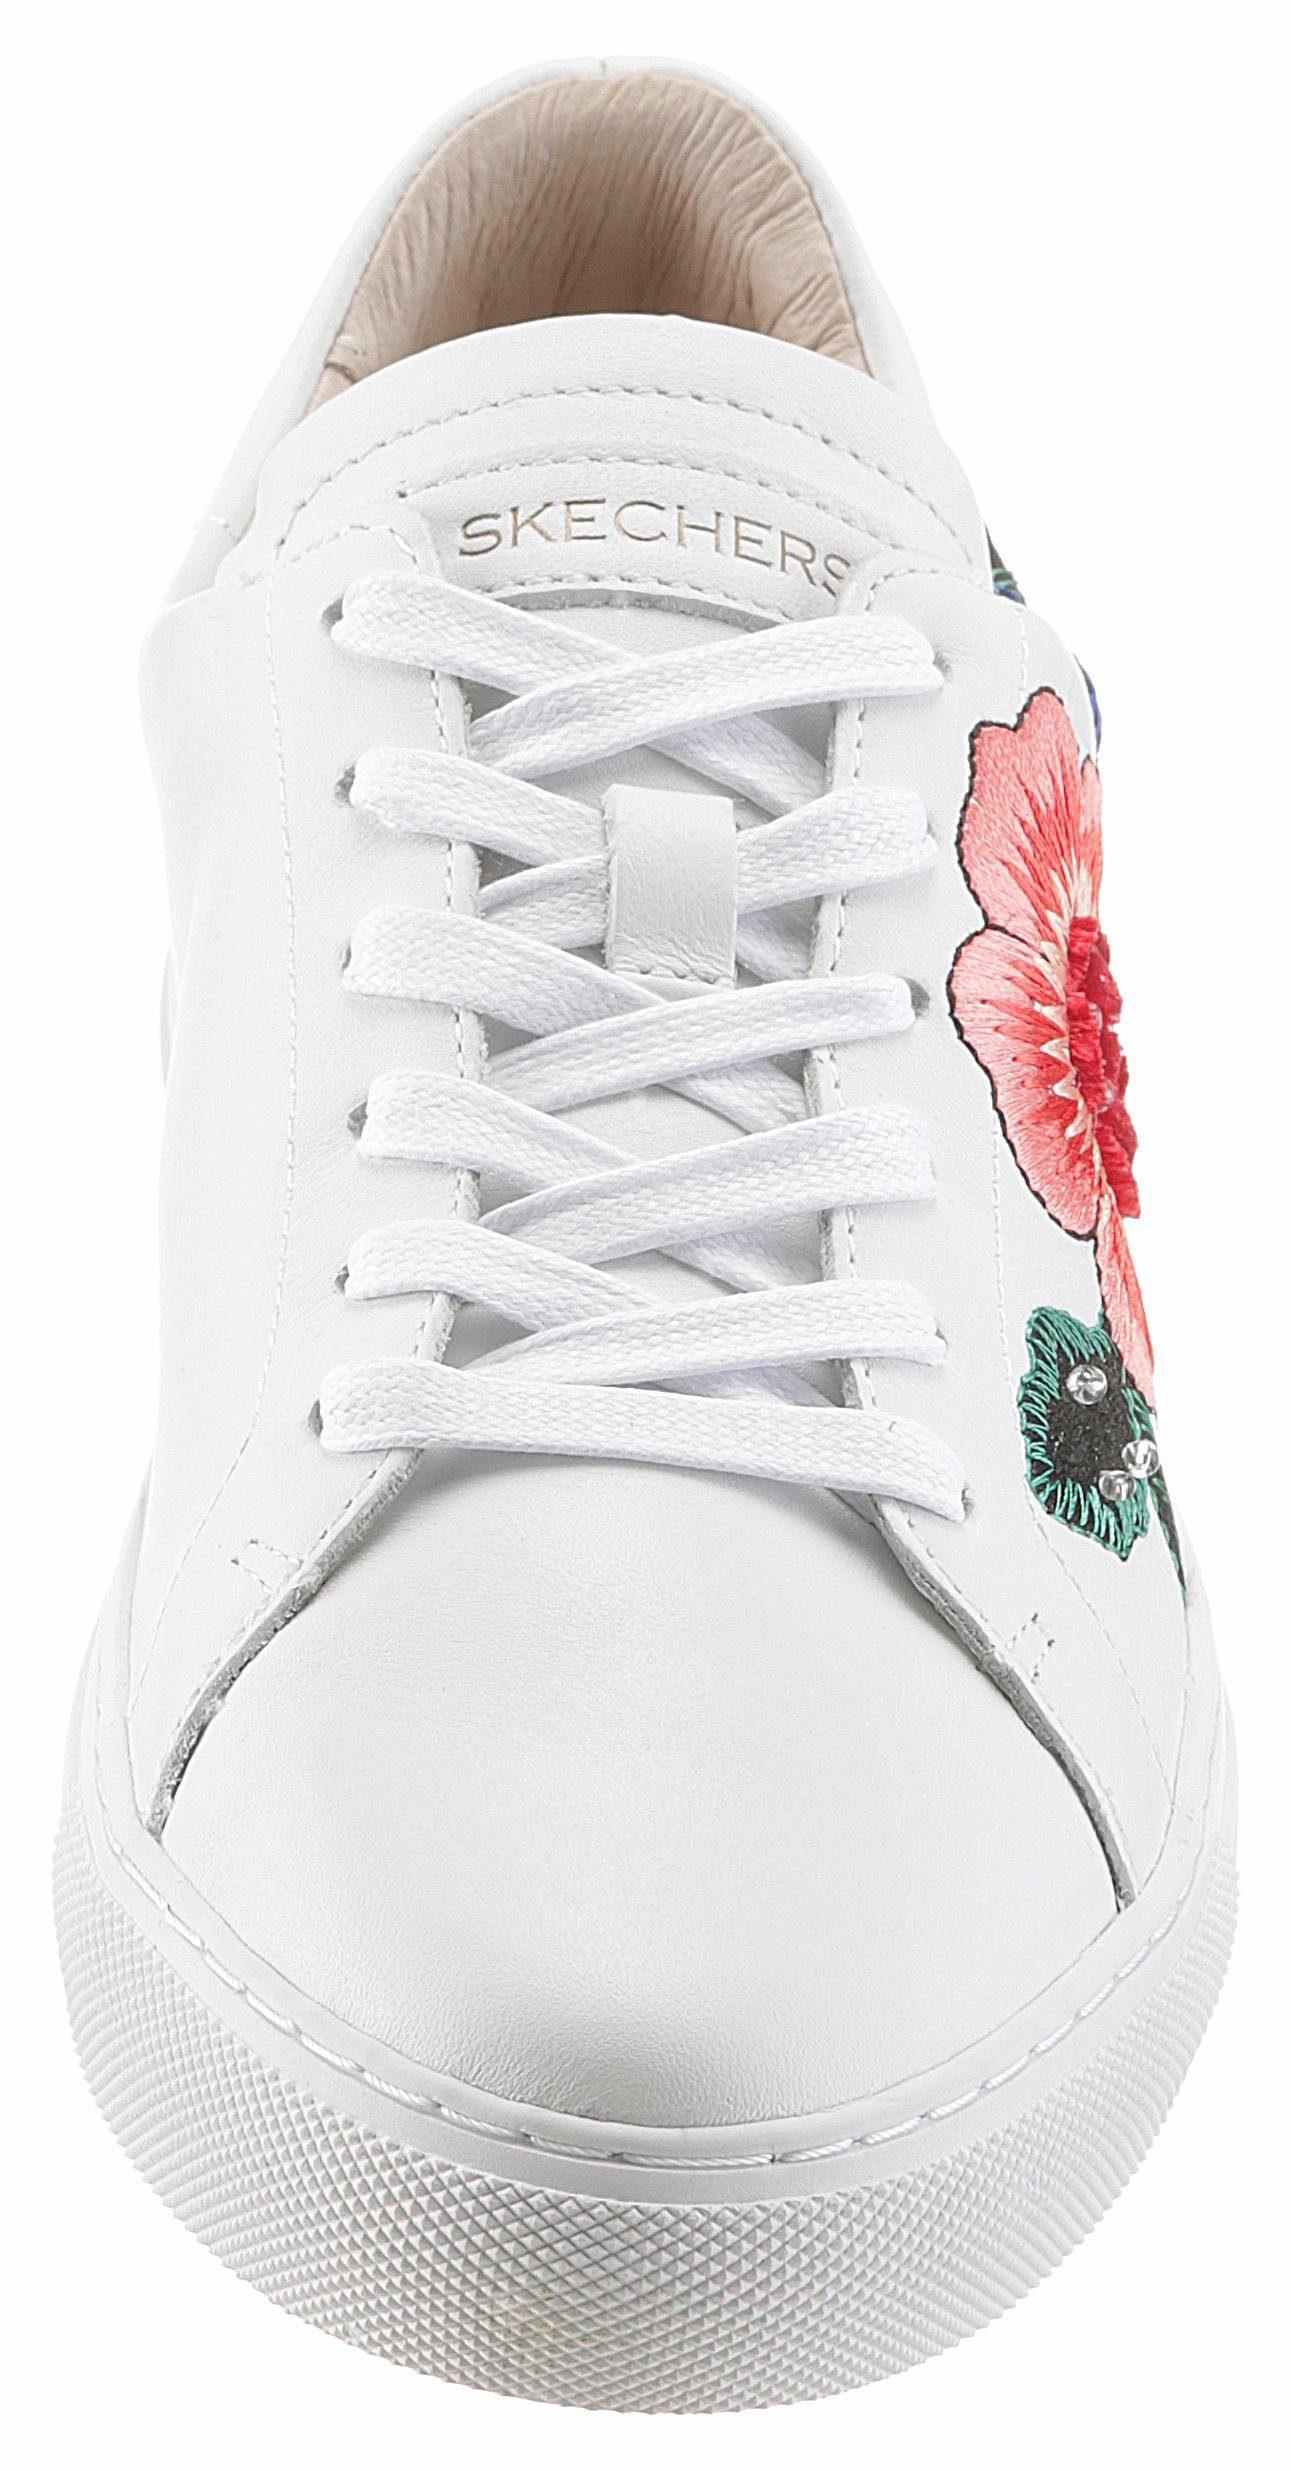 Chaussures De Sport Skechers Couche Vaso Flor « Blanc 4NJPvm8